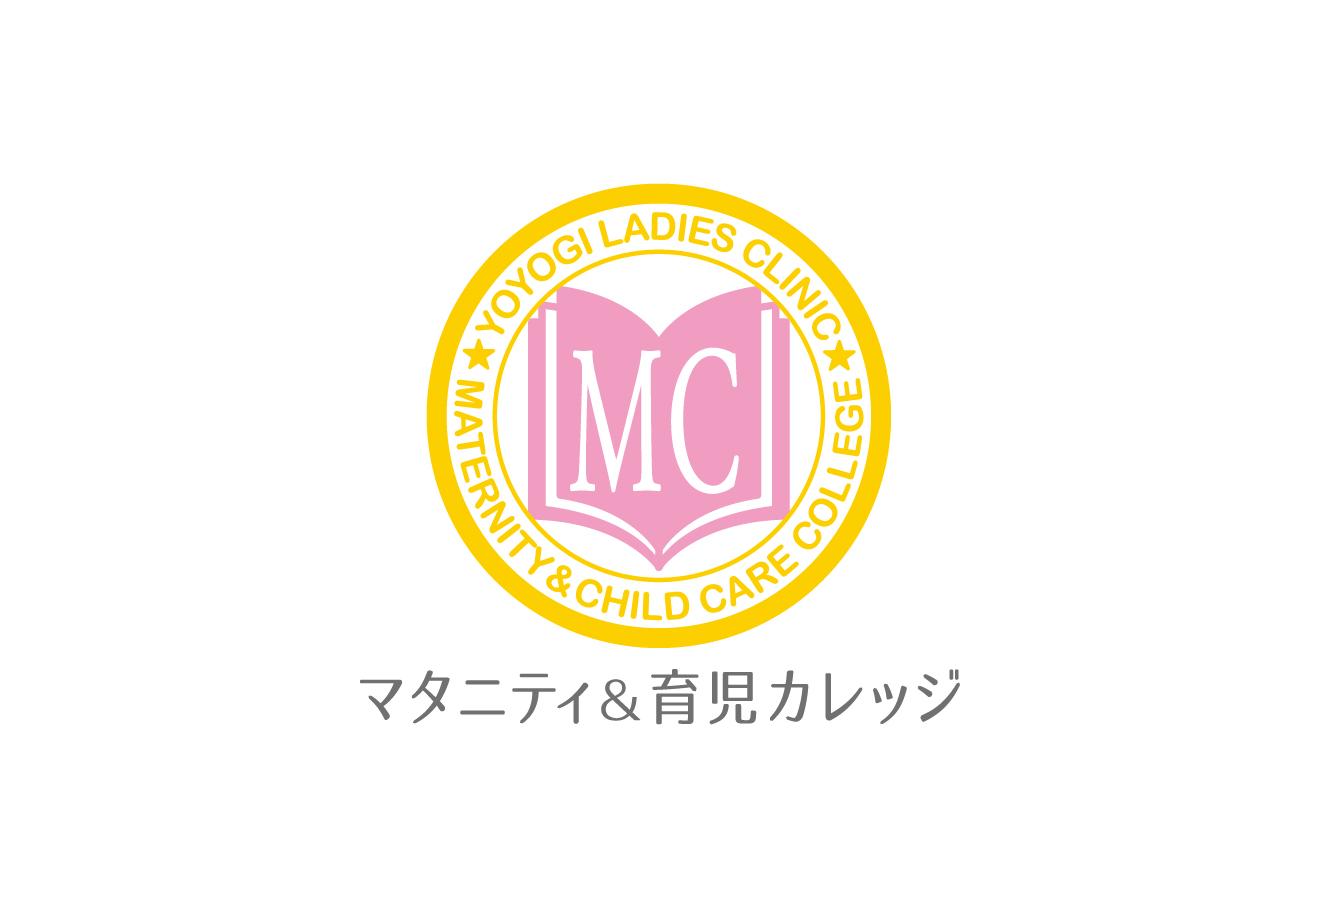 マタニティ&育児カレッジ Logo